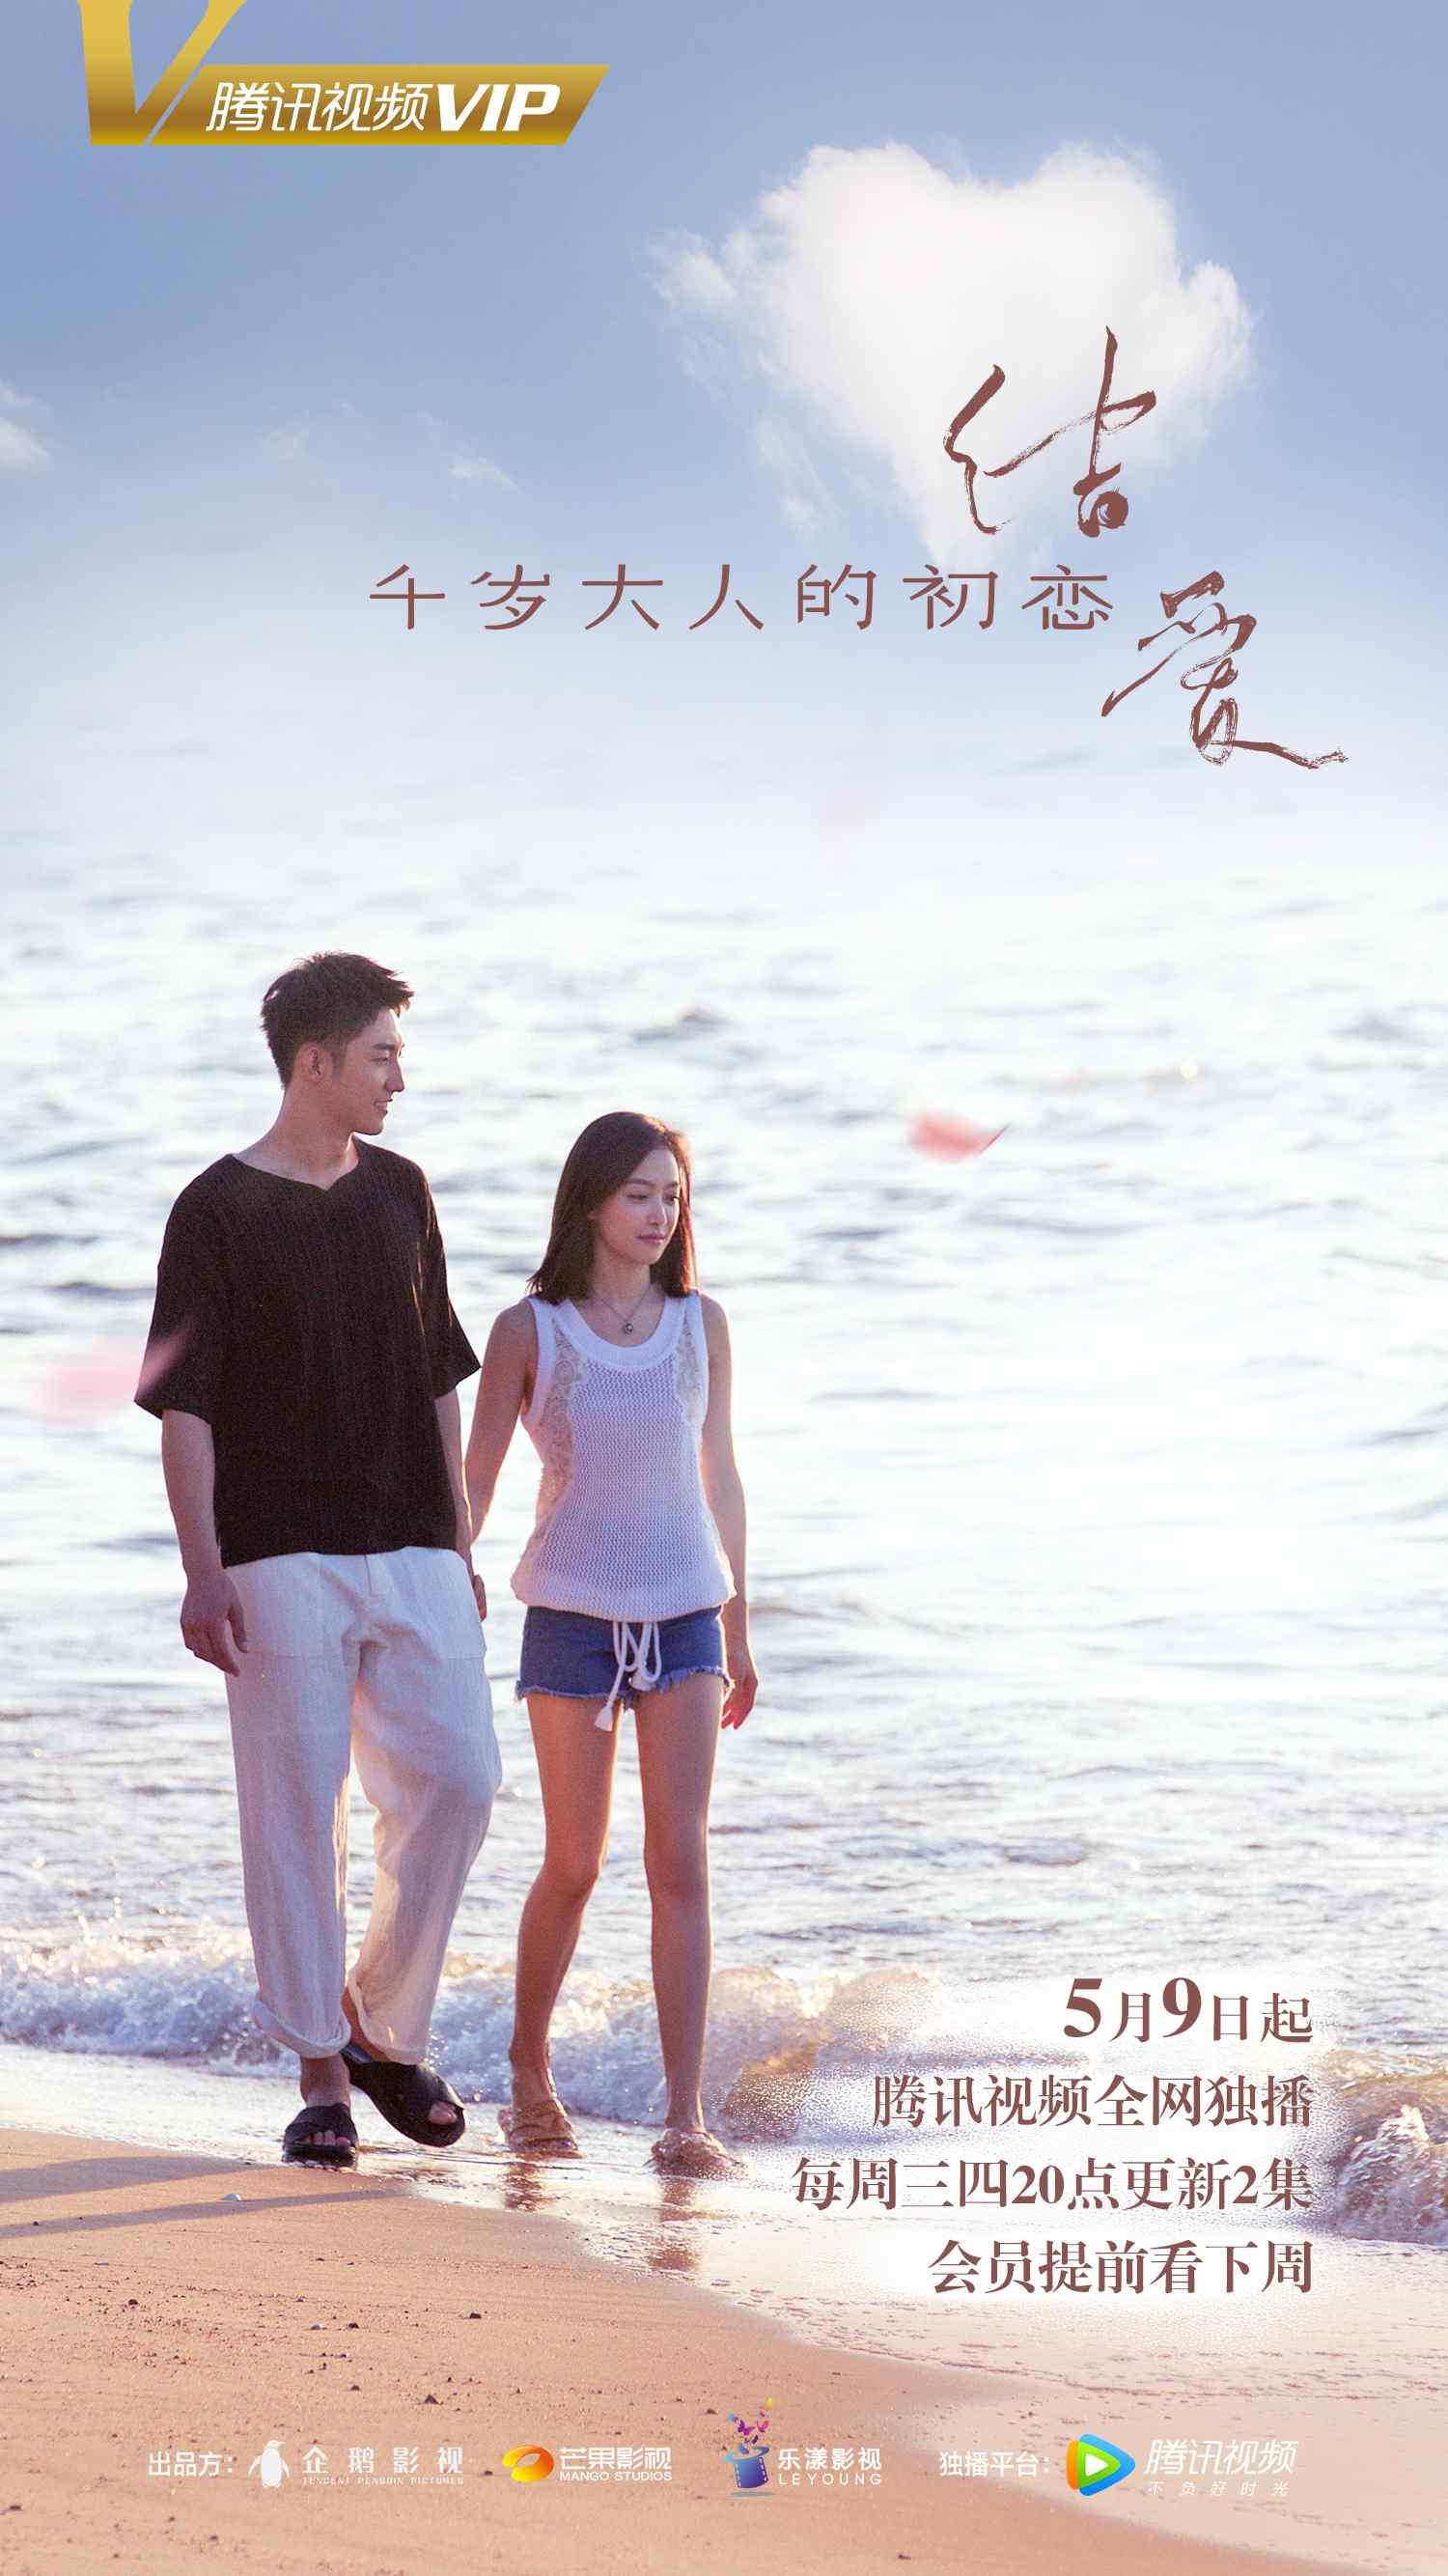 结爱·千岁大人的初恋宋茜黄景瑜海边高清海报